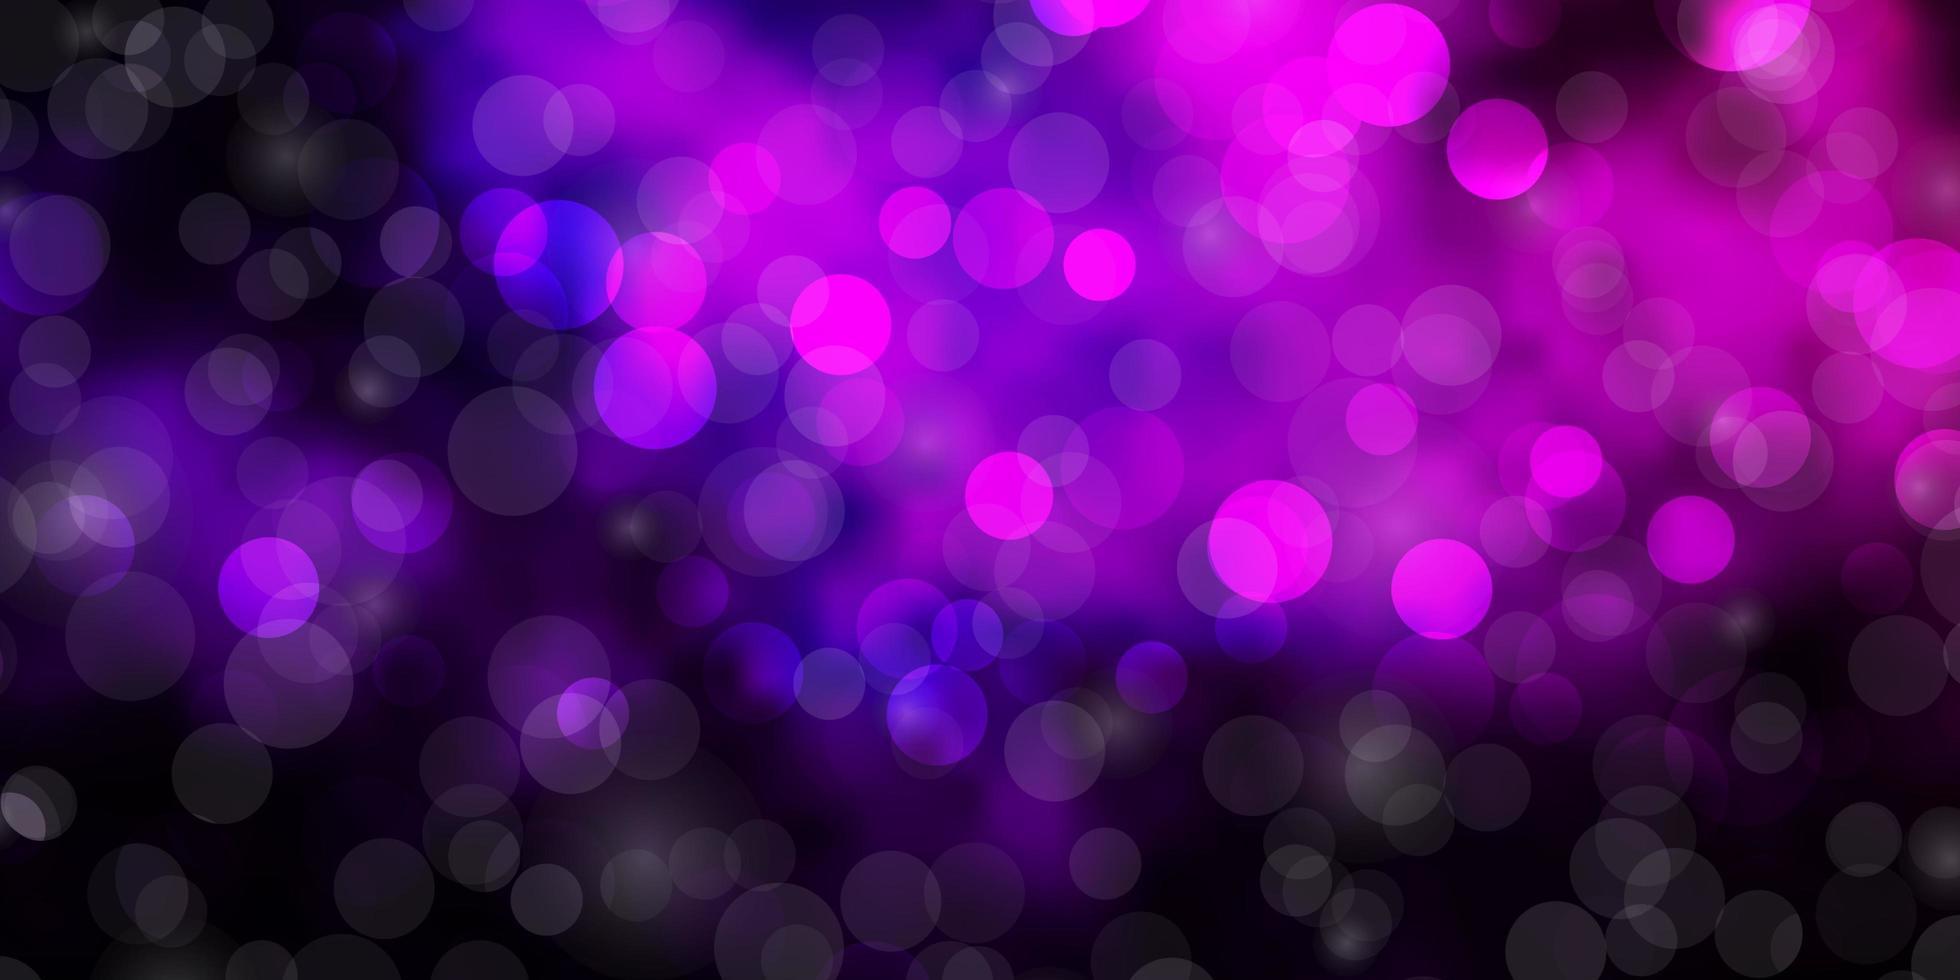 texture vecteur violet foncé avec des cercles.